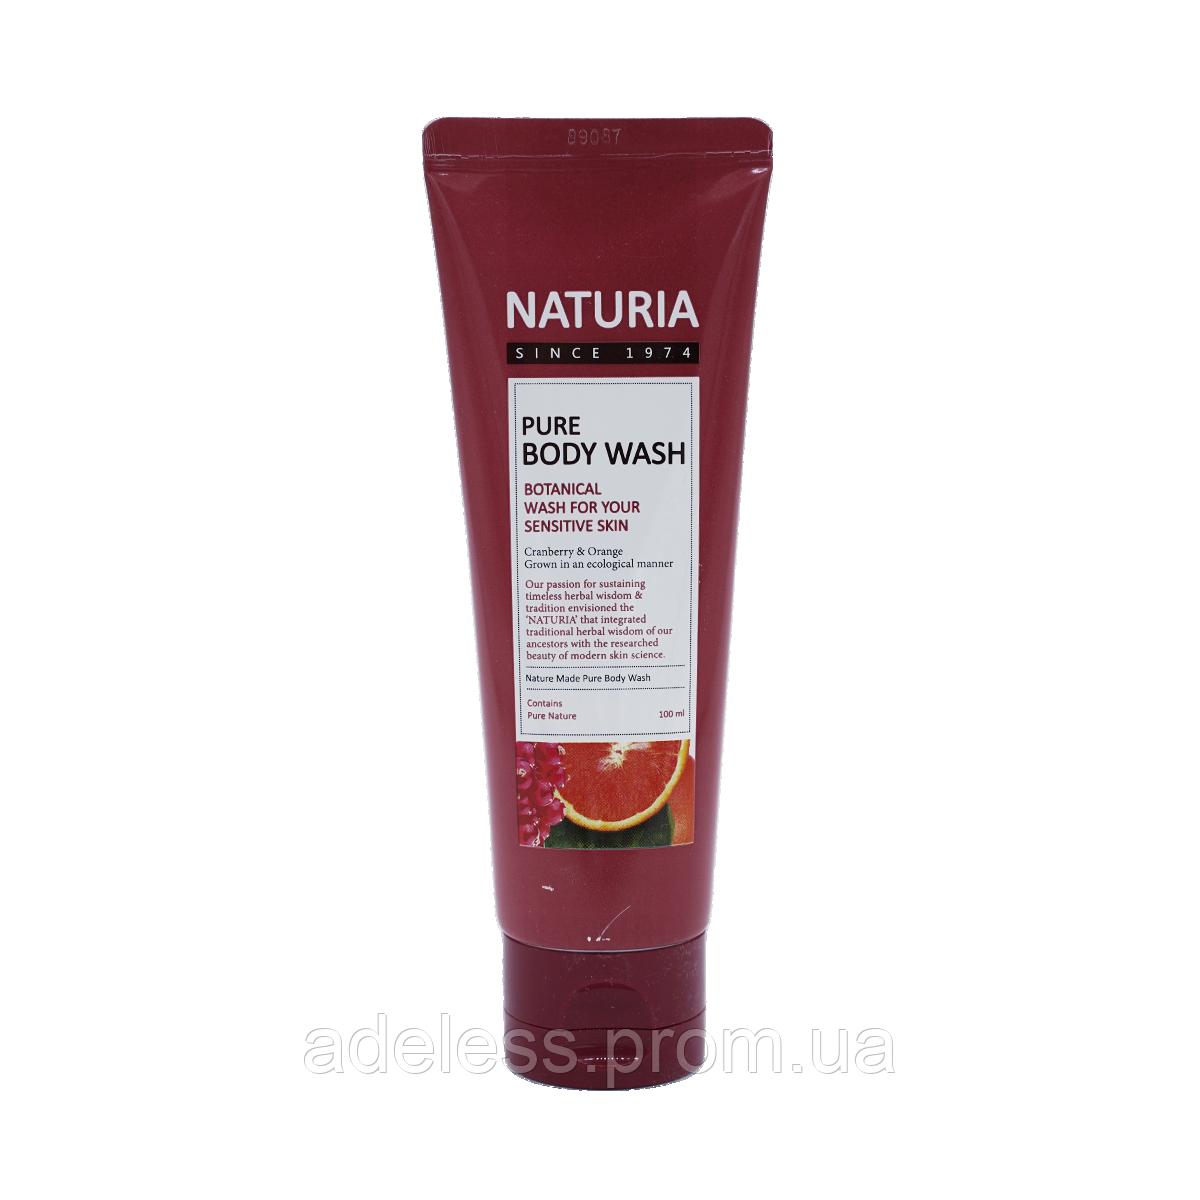 Гель для душа с ароматом сладкого апельсина, клюквы и зеленого яблока Pure Body Wash Cranberry & Orange, 100мл